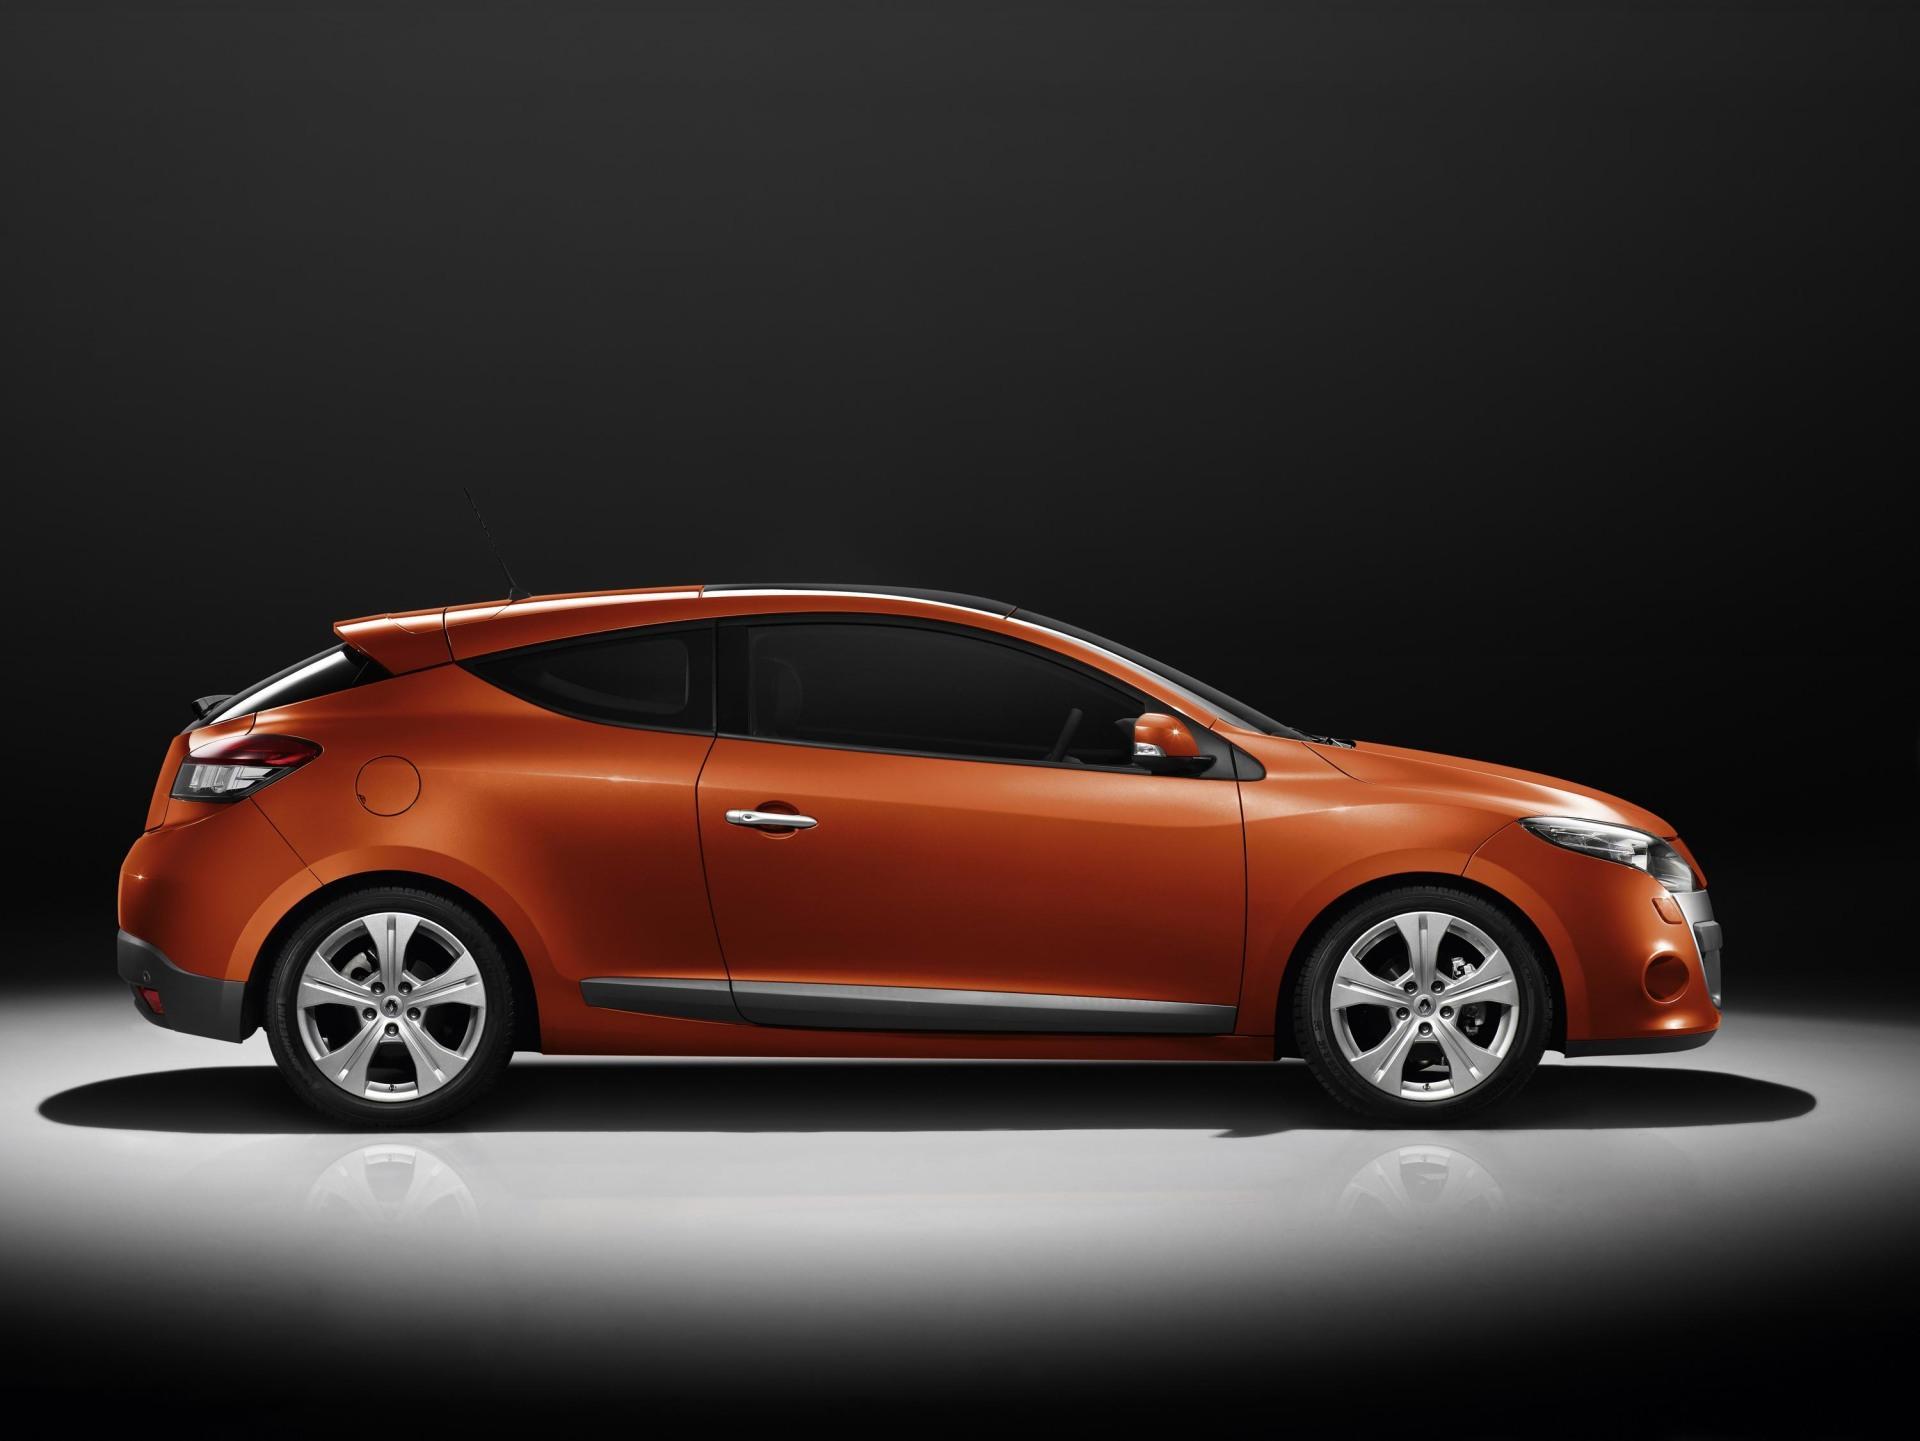 Family Auto Sales >> 2009 Renault Mégane Coupé - conceptcarz.com